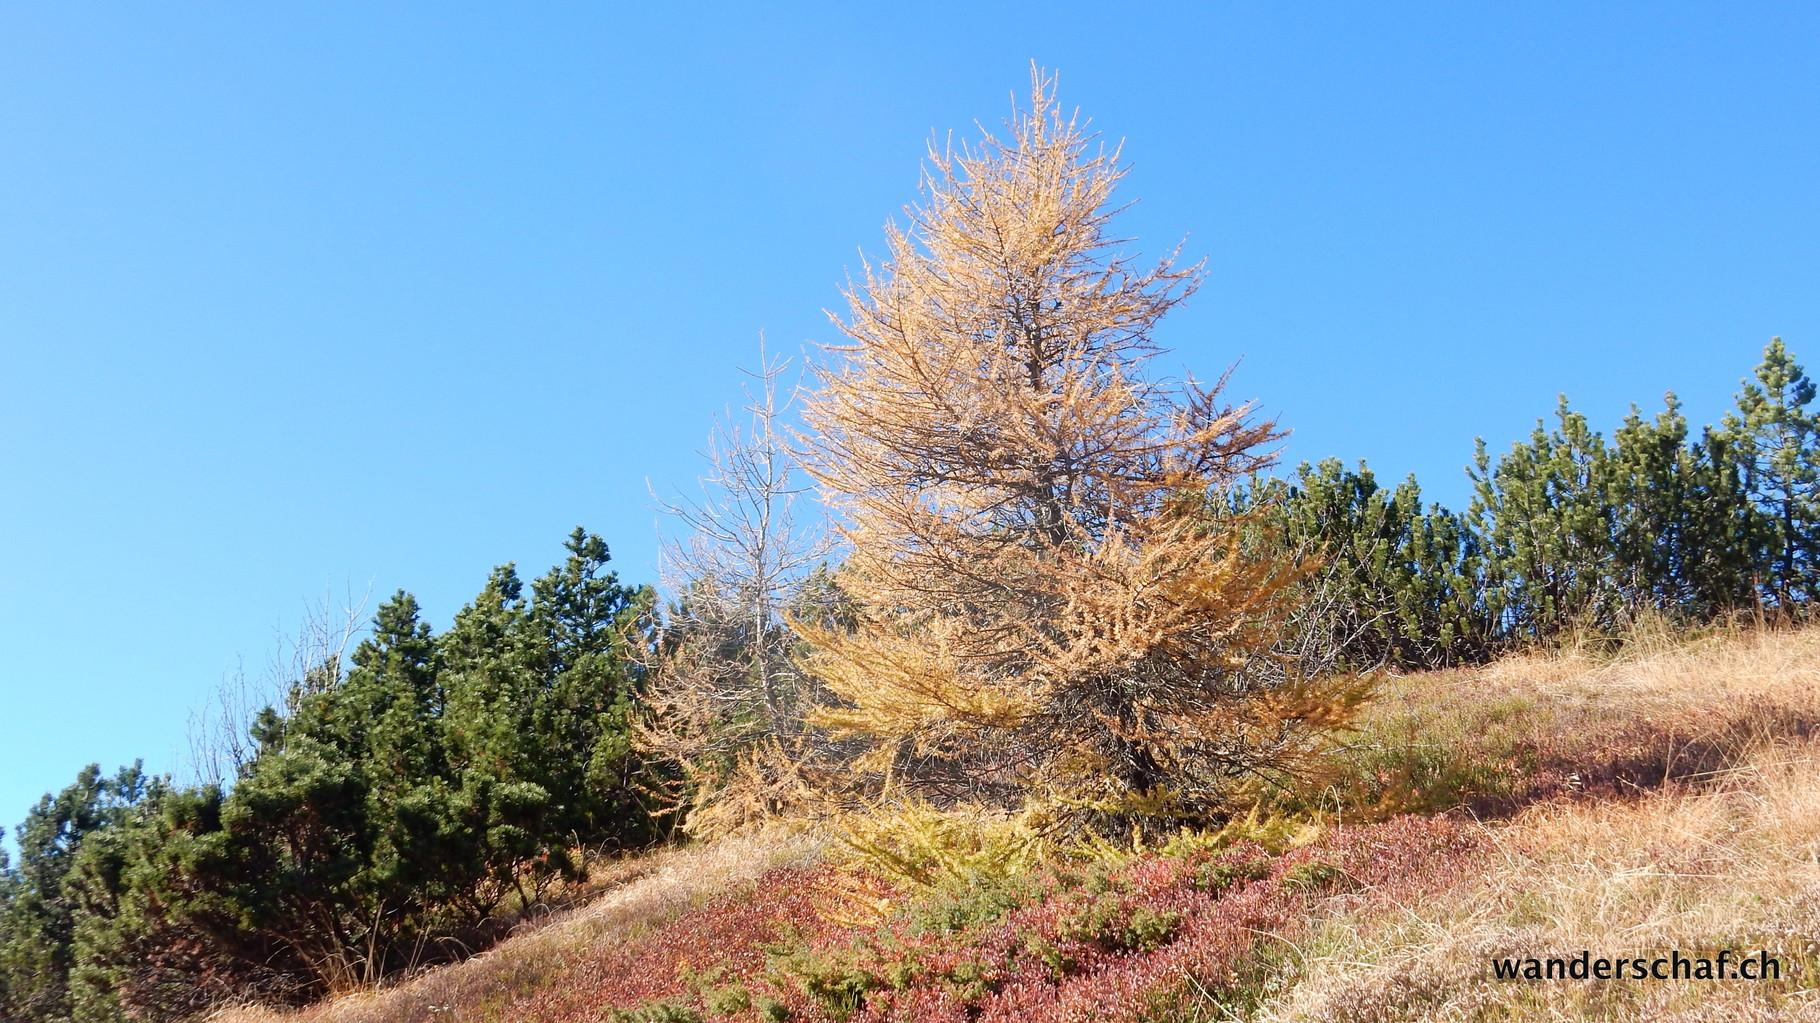 farbenprächtige Herbstkulisse